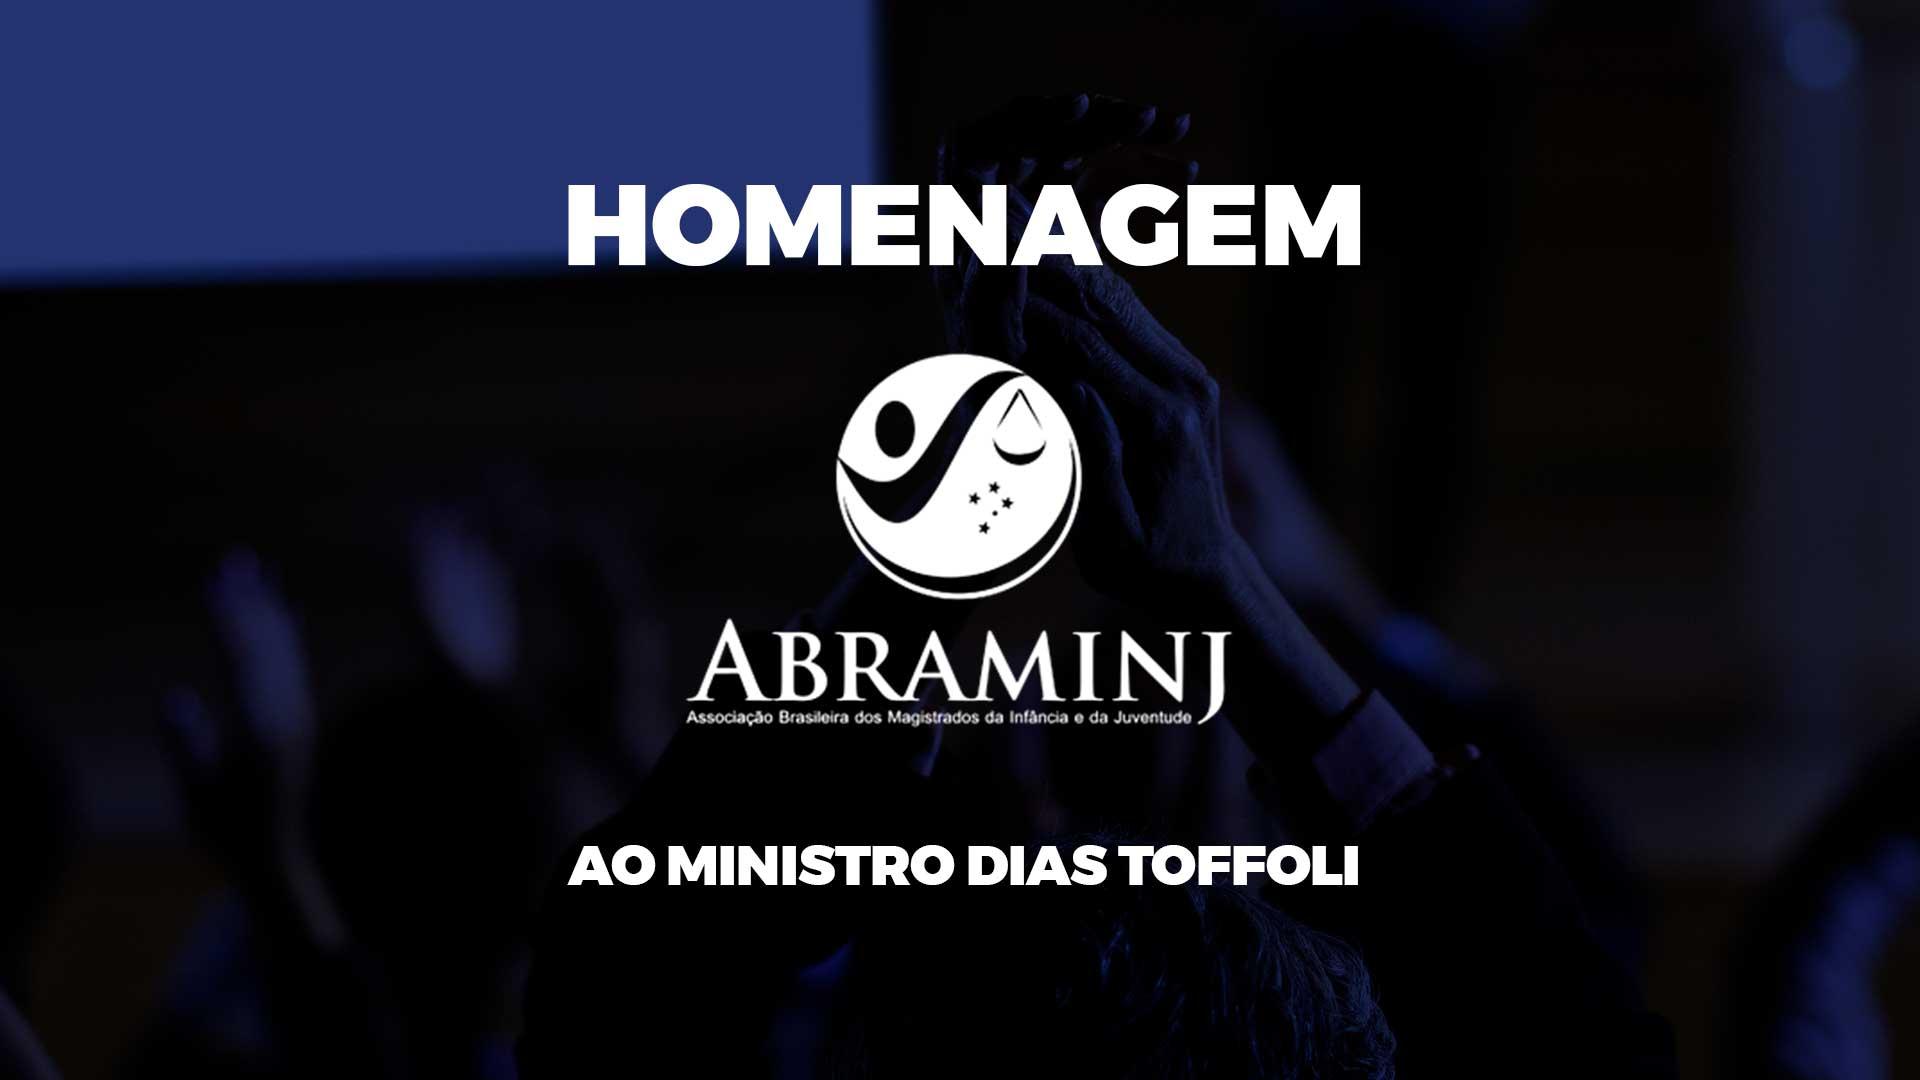 Homenagem da Abraminj para o Ministro Dias Toffoli